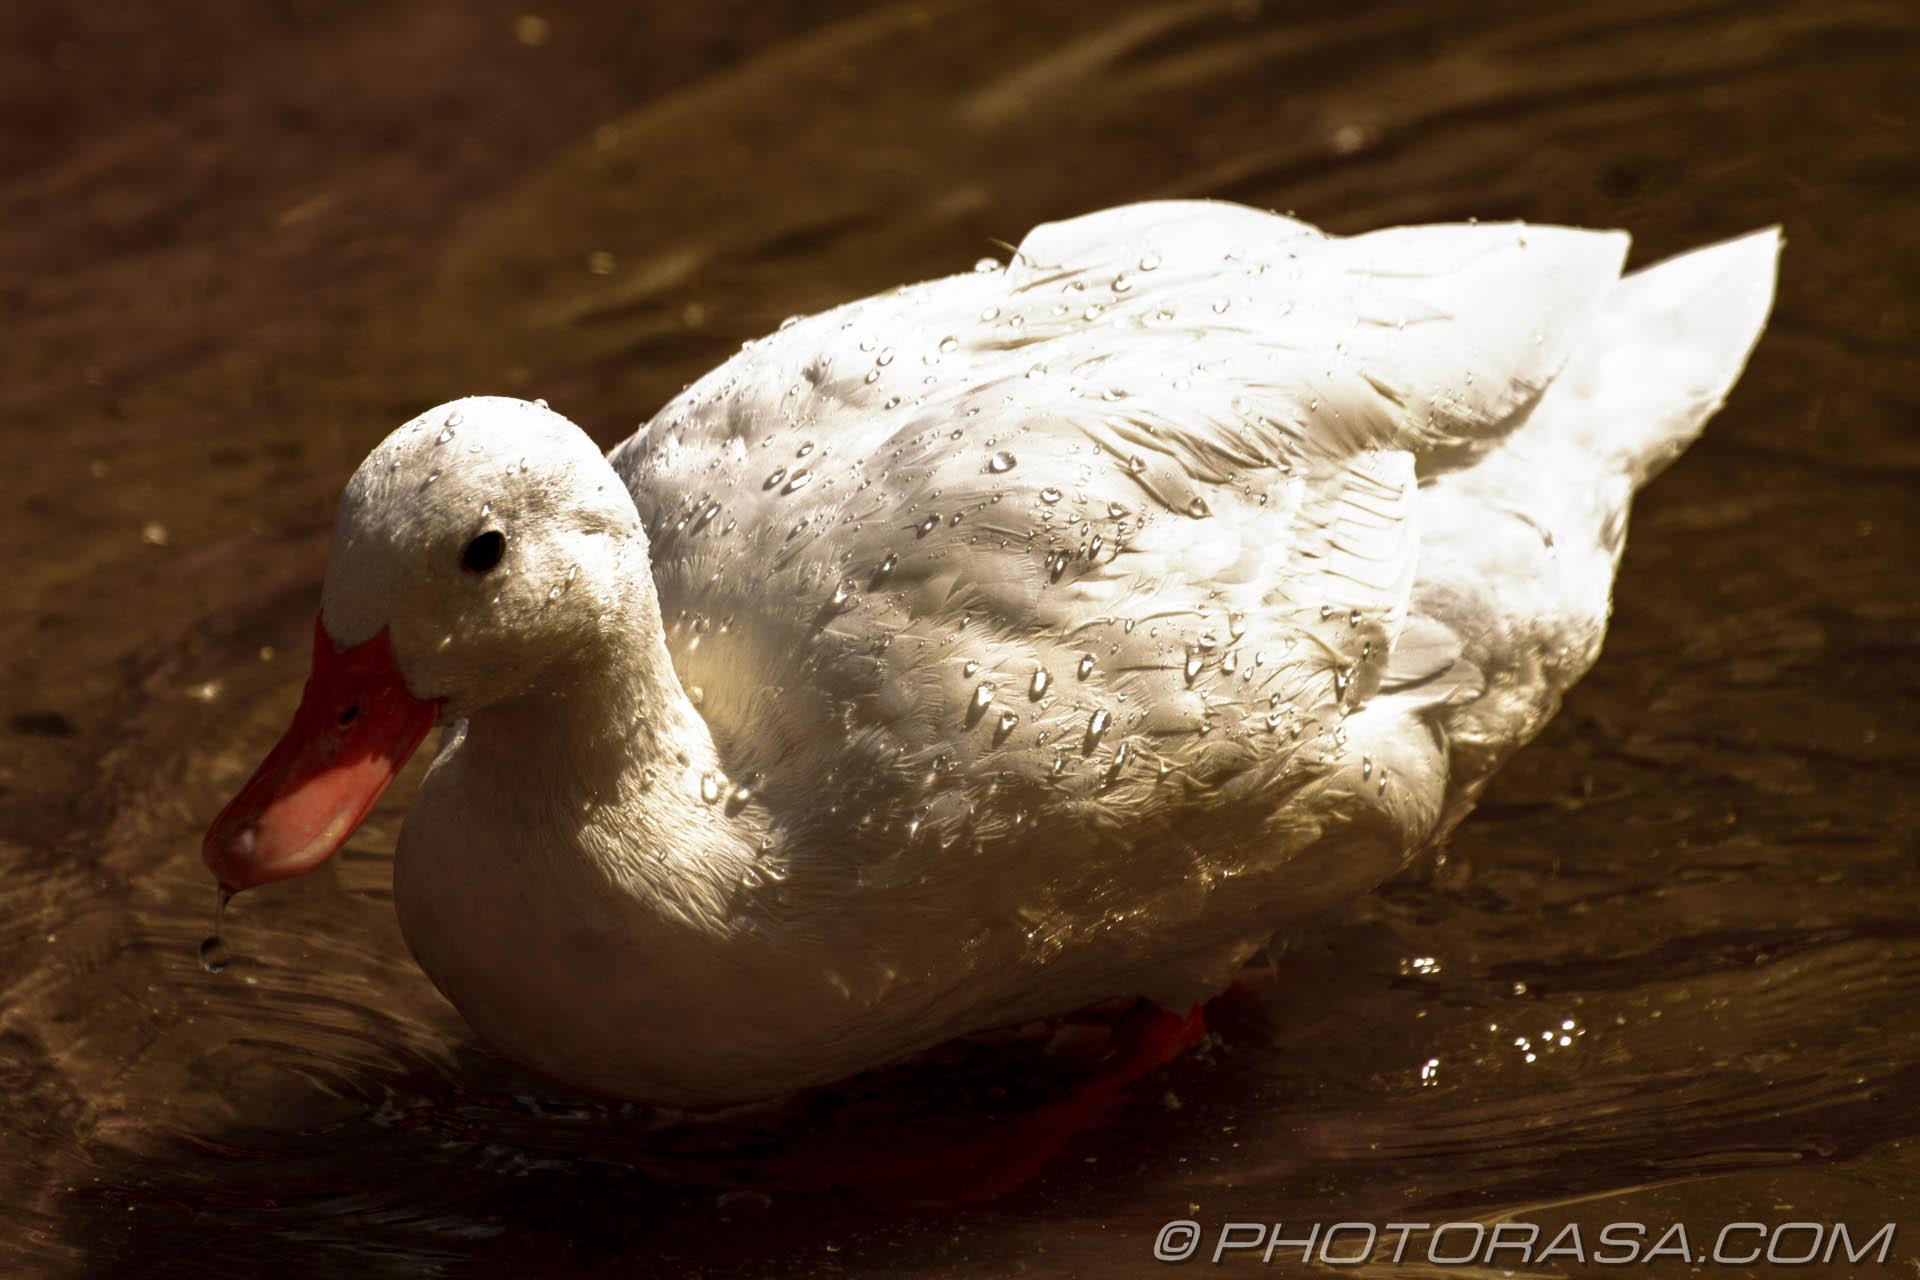 https://photorasa.com/birds-greenworld/white-duck-low-exposure/